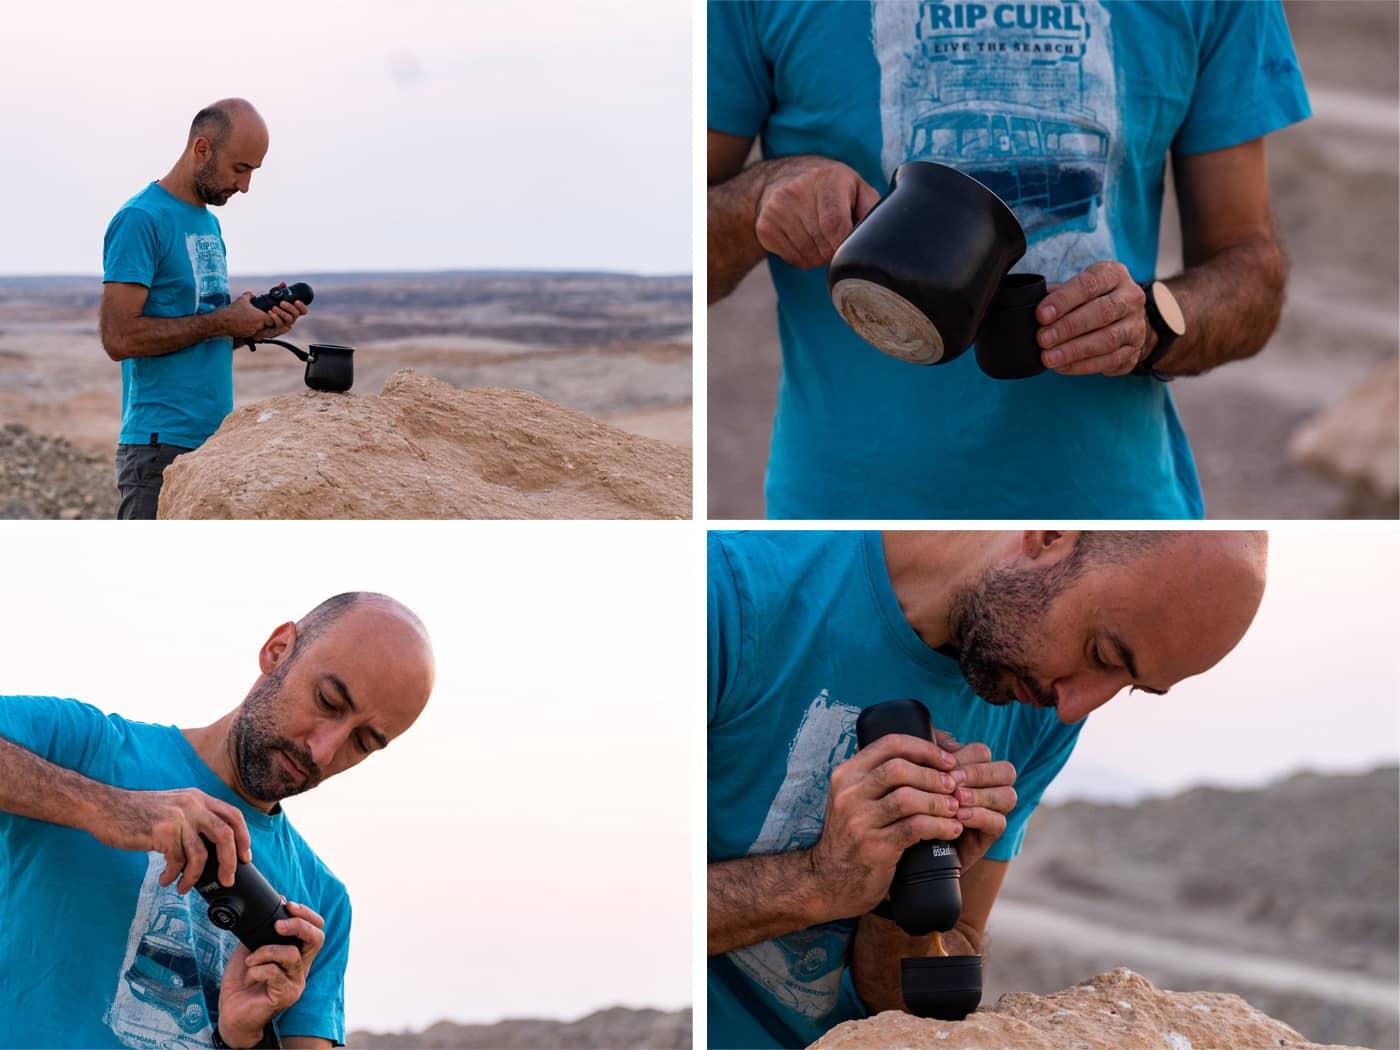 קפה במדבר מכונת אספרסו ניידת